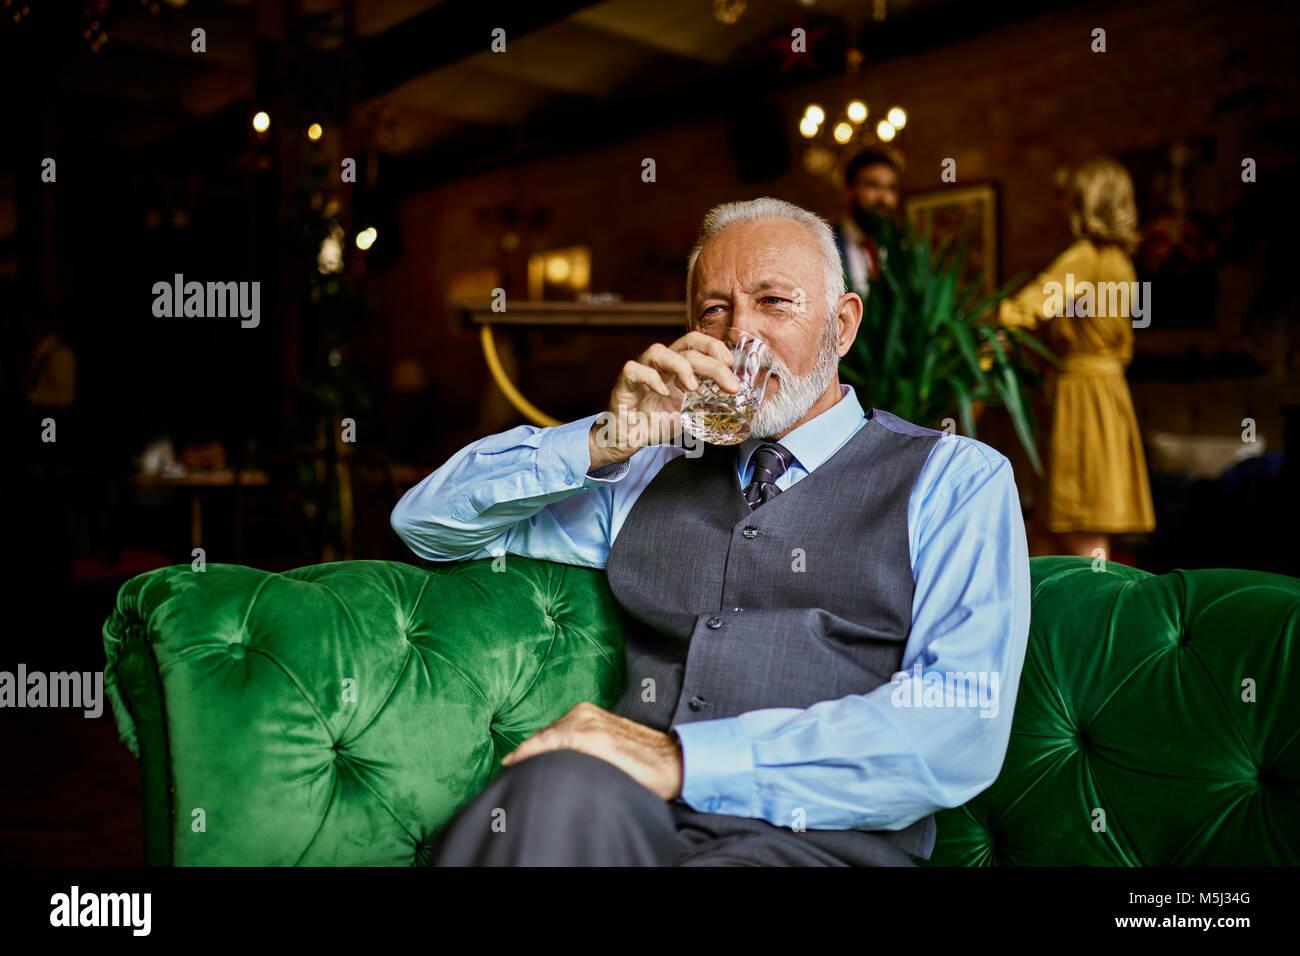 Portrait von eleganten älterer Mann sitzt auf der Couch in einer Bar trinken aus Zuhaltung Stockbild